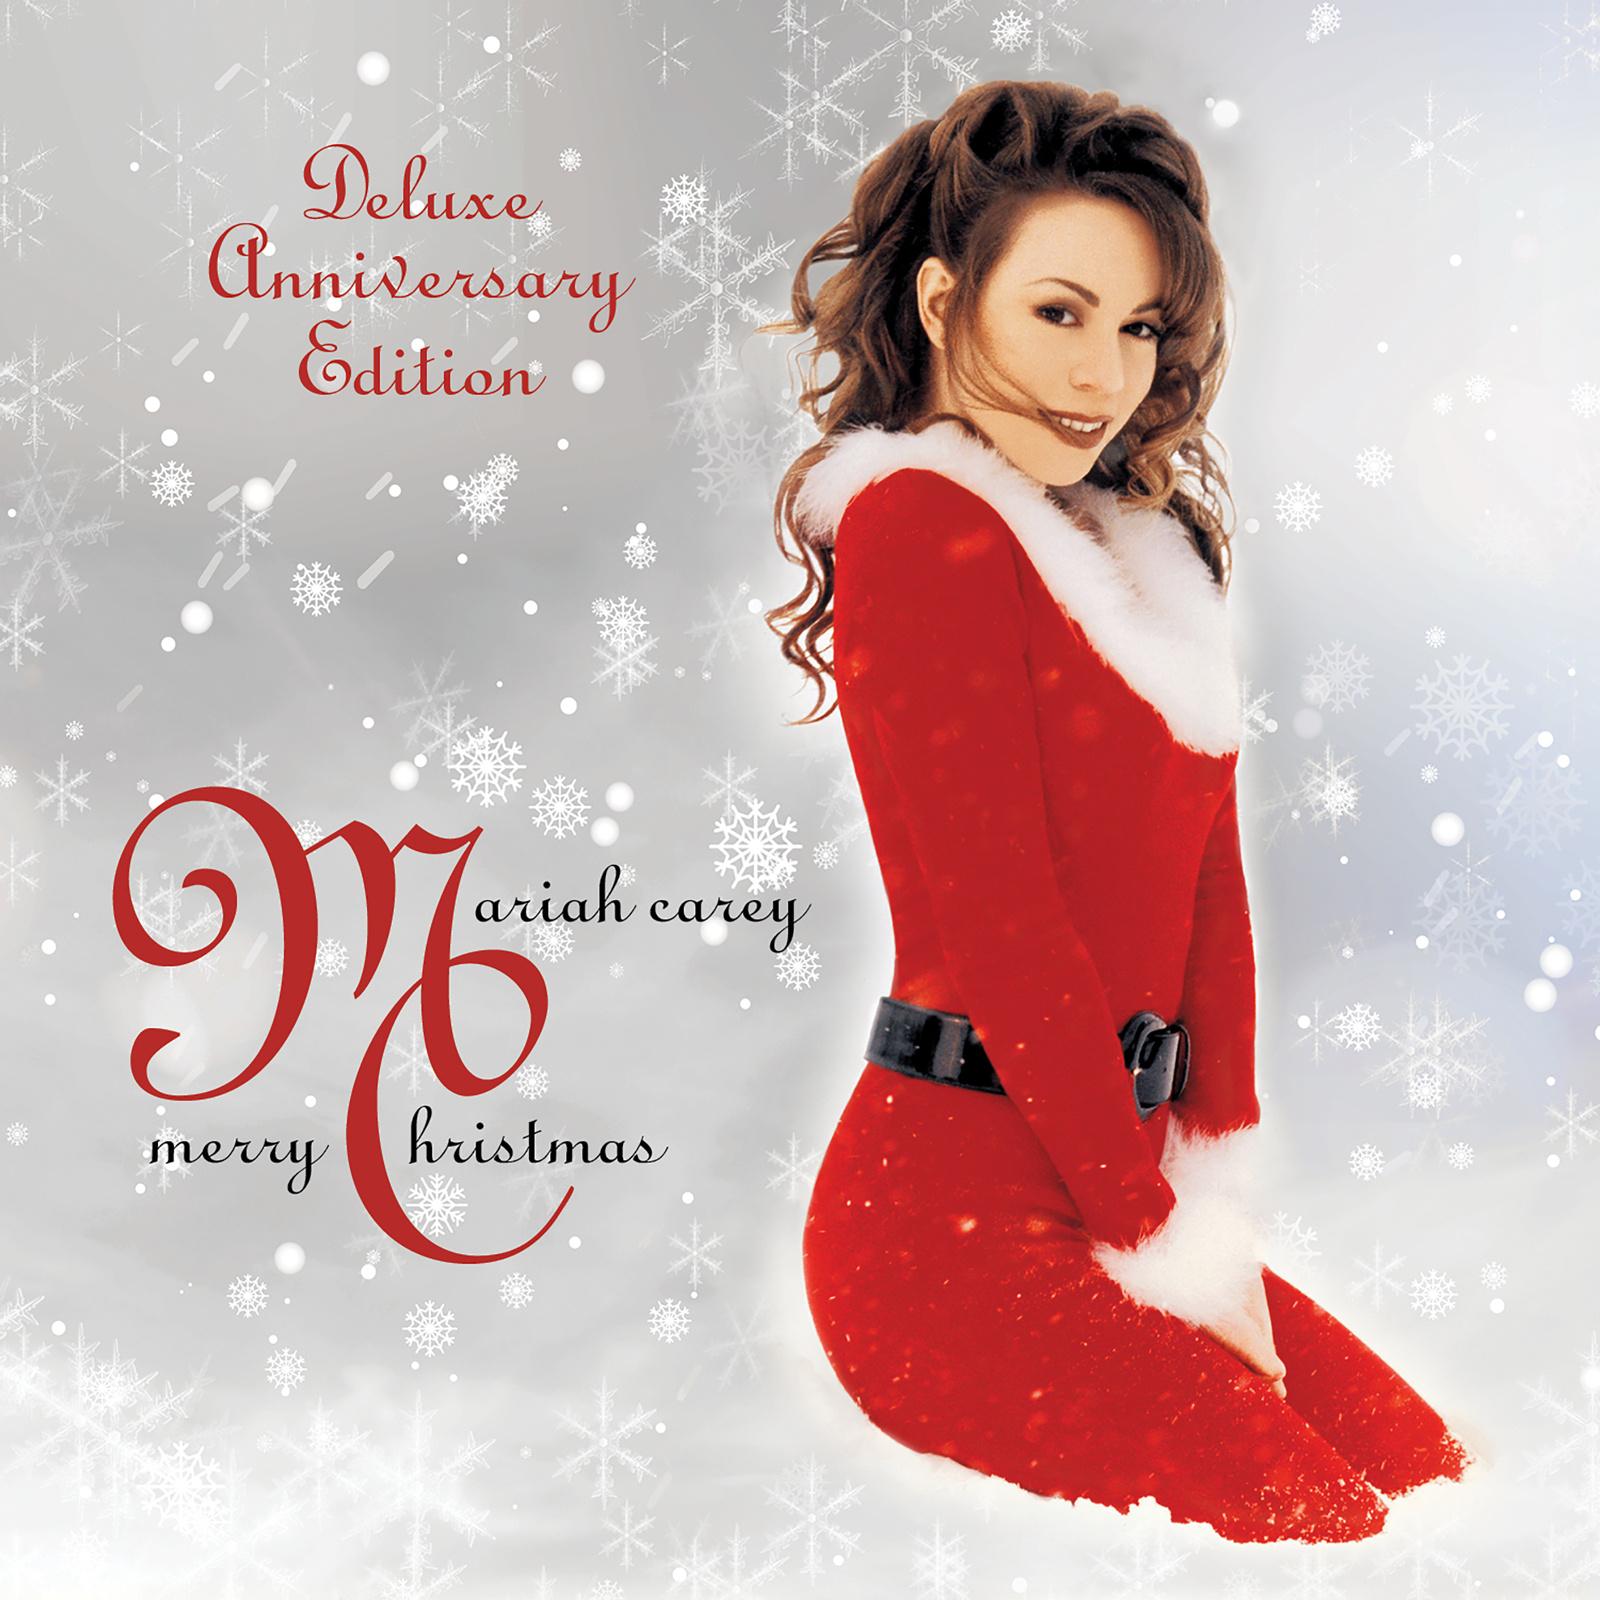 瑪麗亞·凱莉圣誕金曲發行25年成冠軍單曲,破多項紀錄